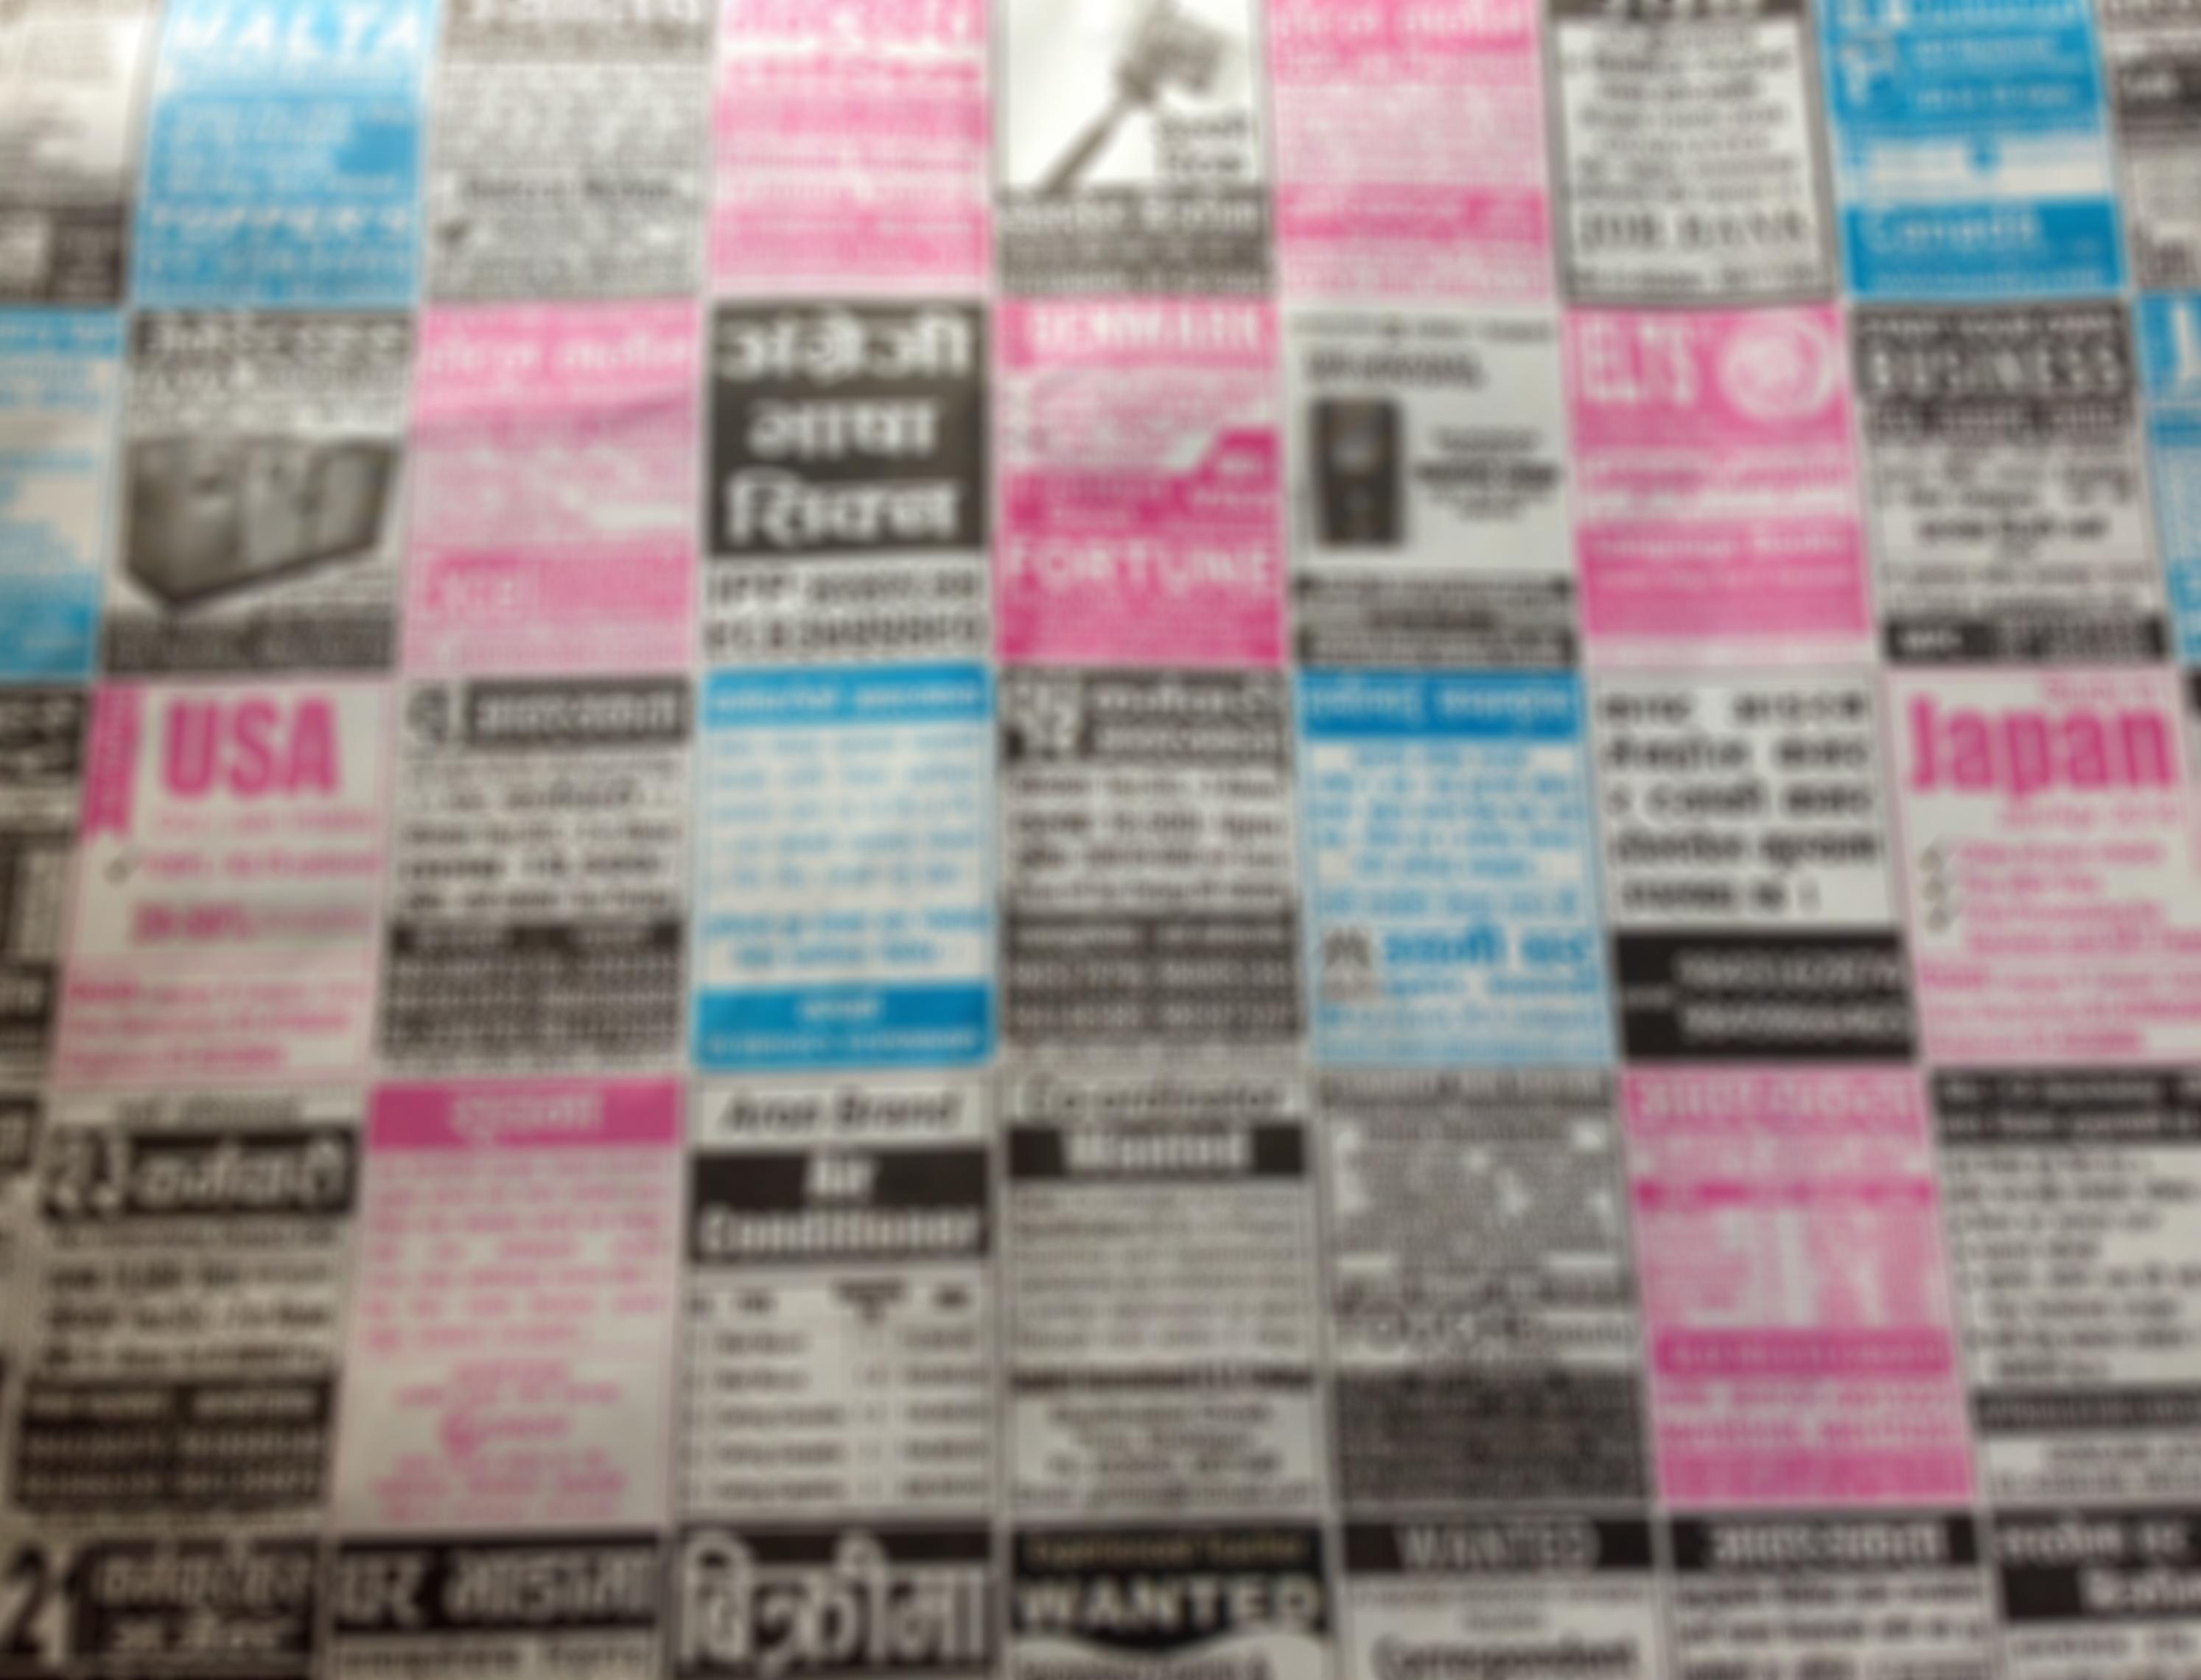 kantipur newspaper